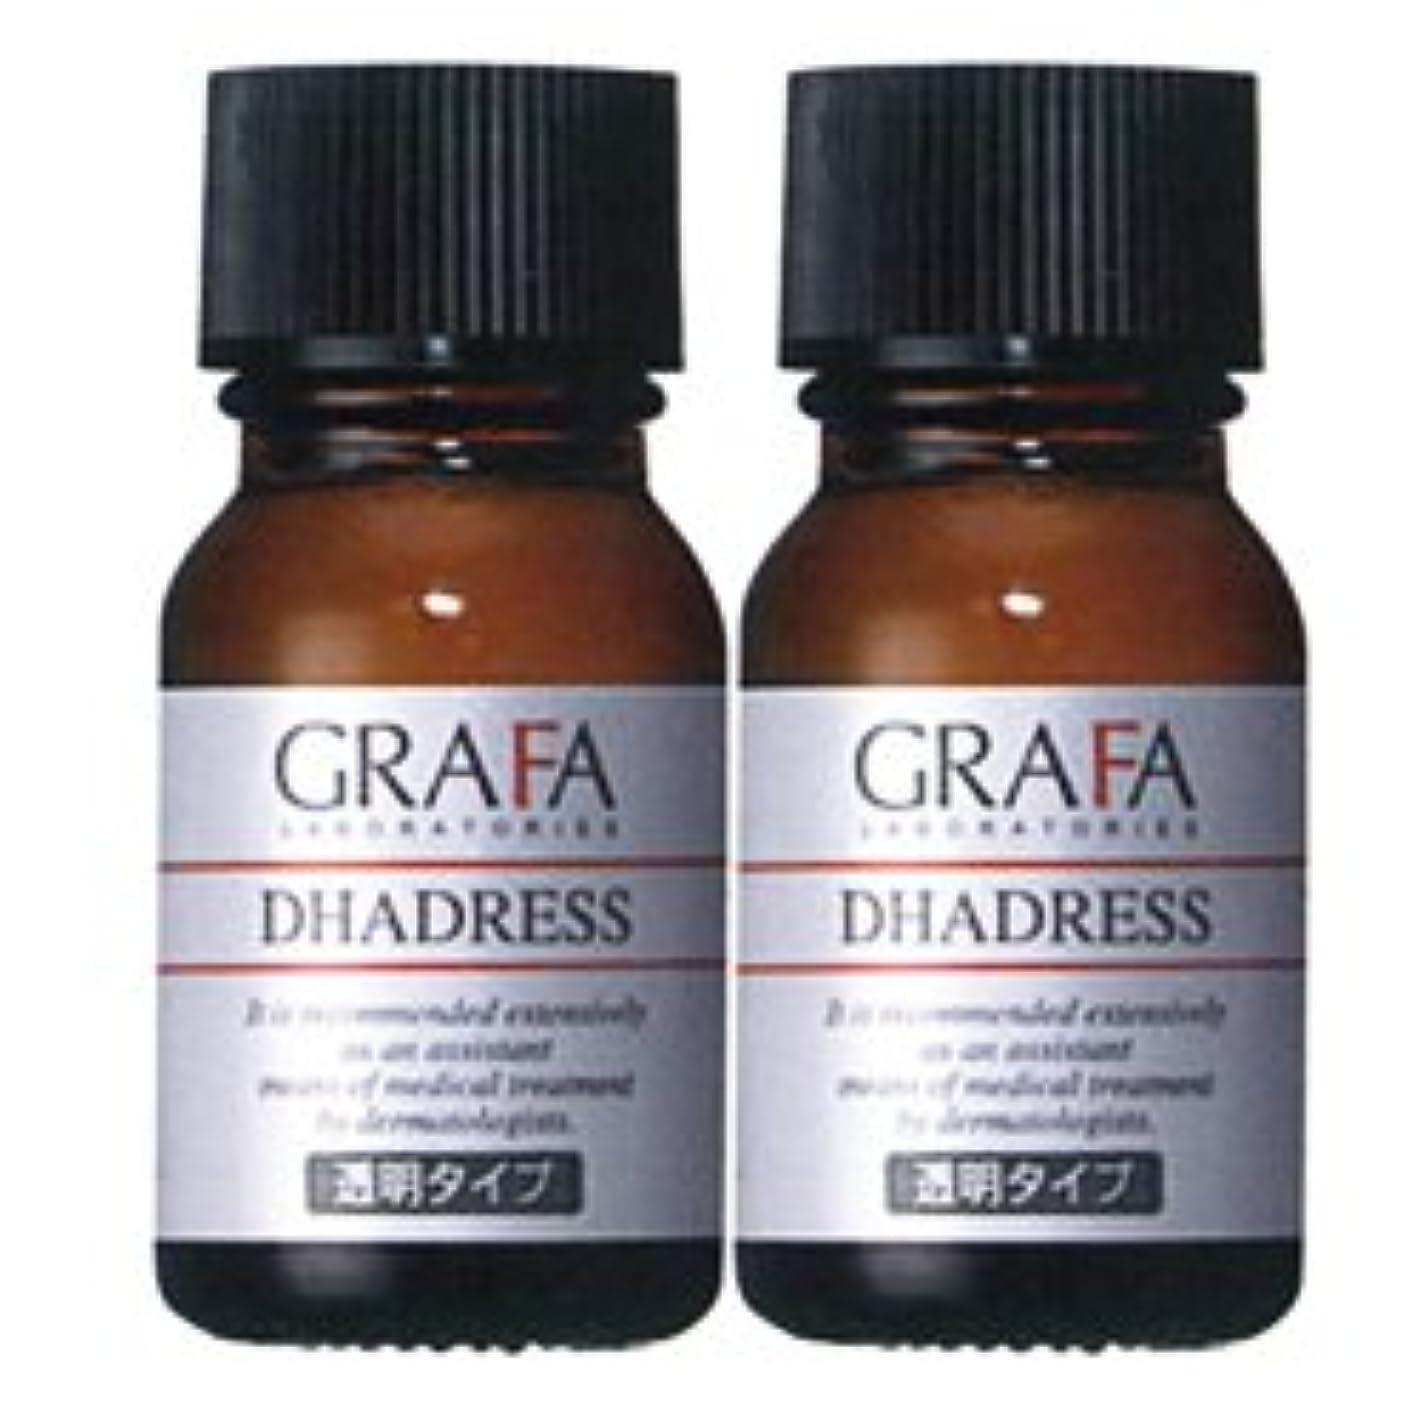 抑圧冷酷な鷲グラファ ダドレス (透明タイプ) 11mL 着色用化粧水 GRAFA DHADRESS